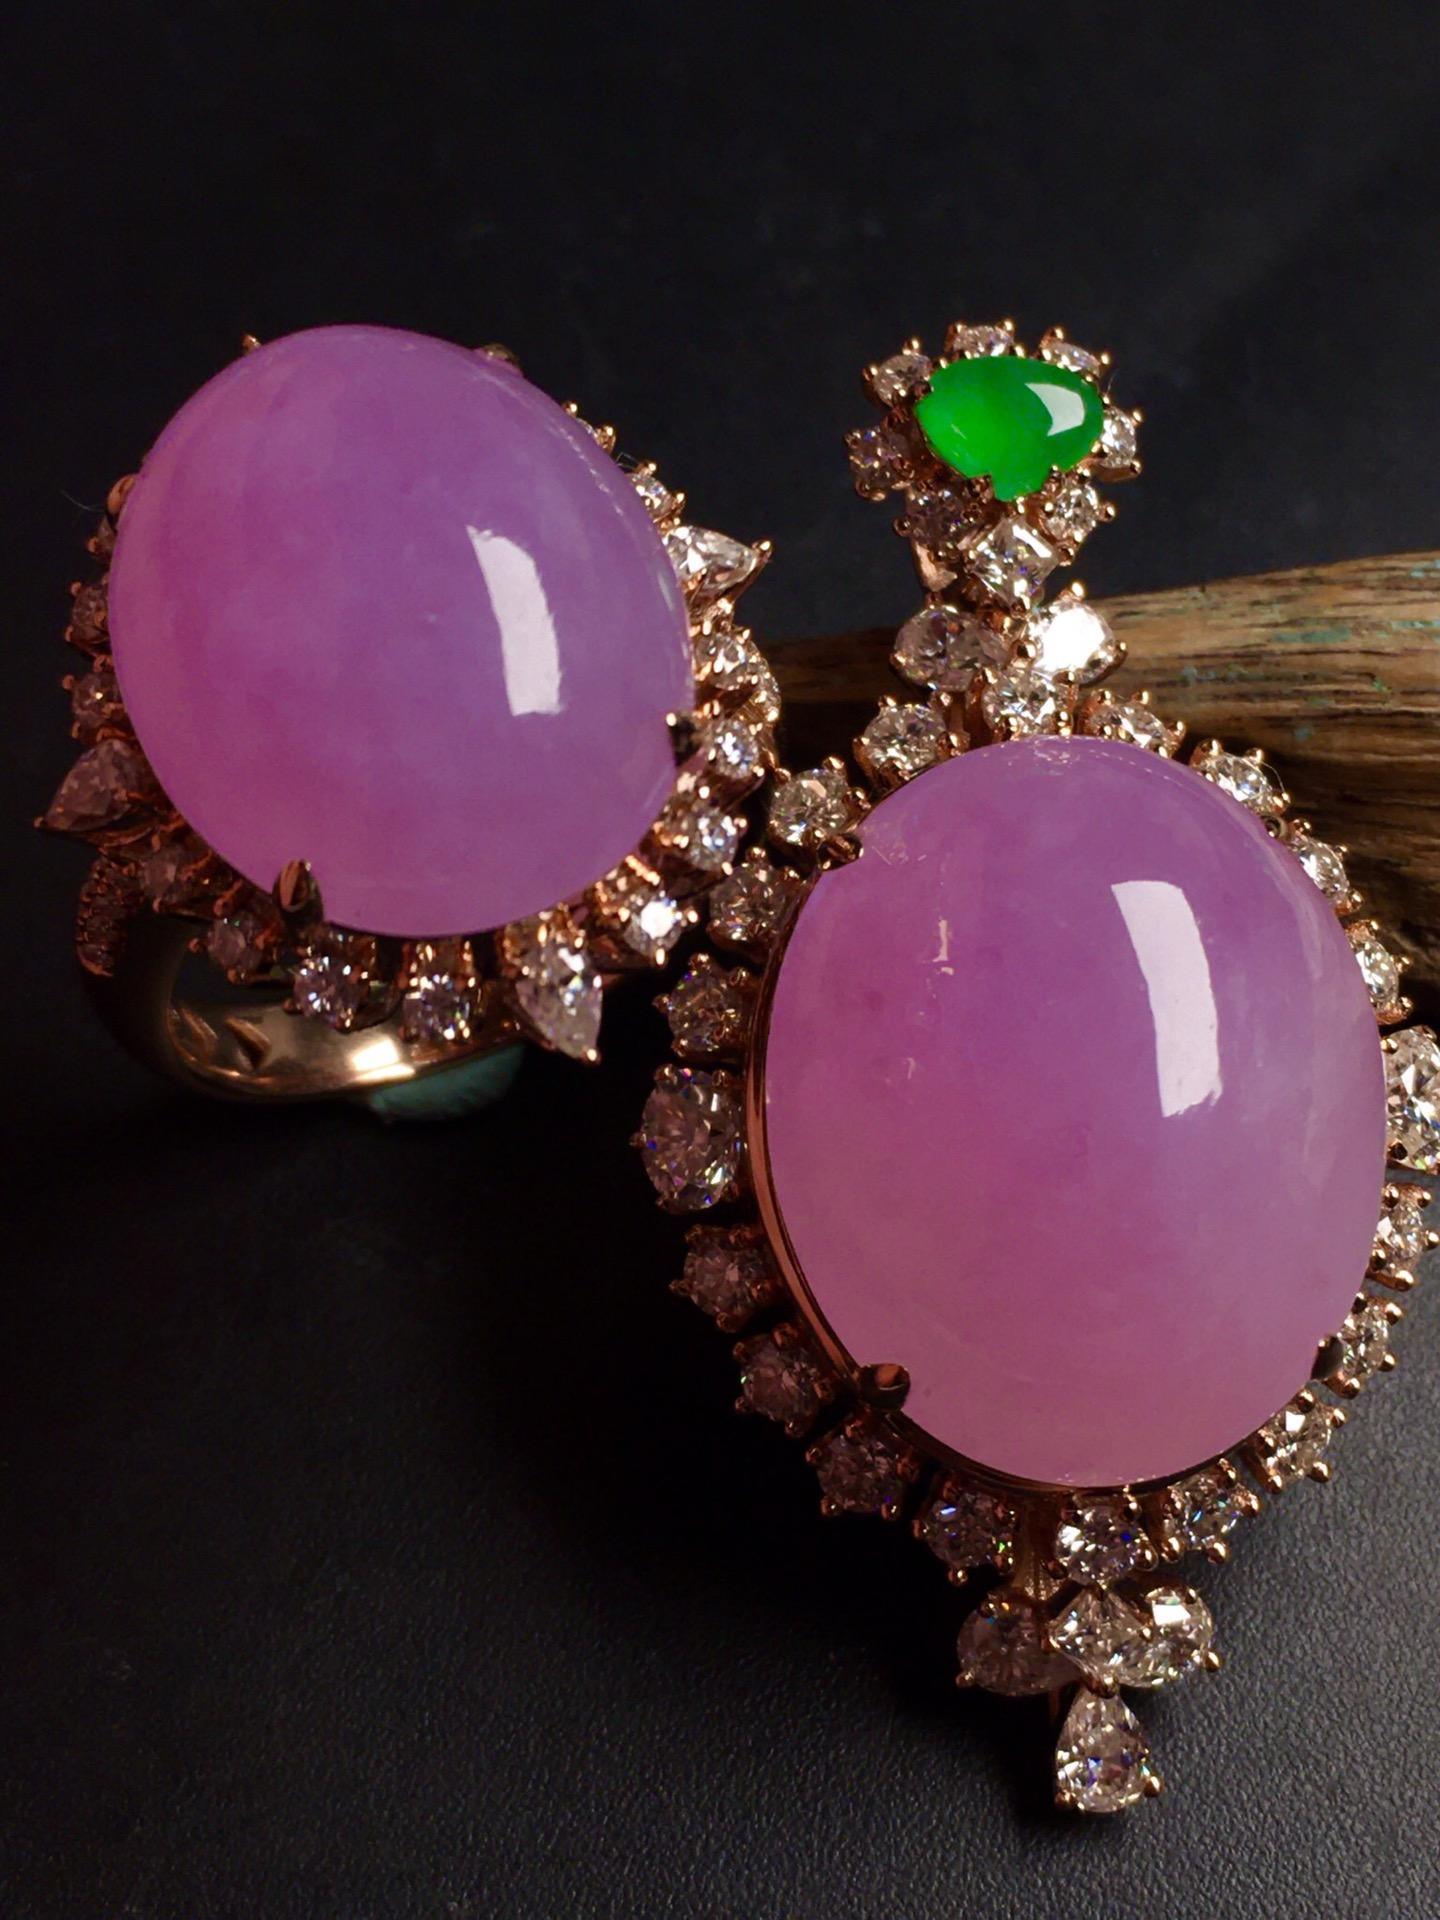 超值,美极了❤【套装,紫罗兰】通透,水润,完美,18k金华奢钻镶石嵌☕第4张